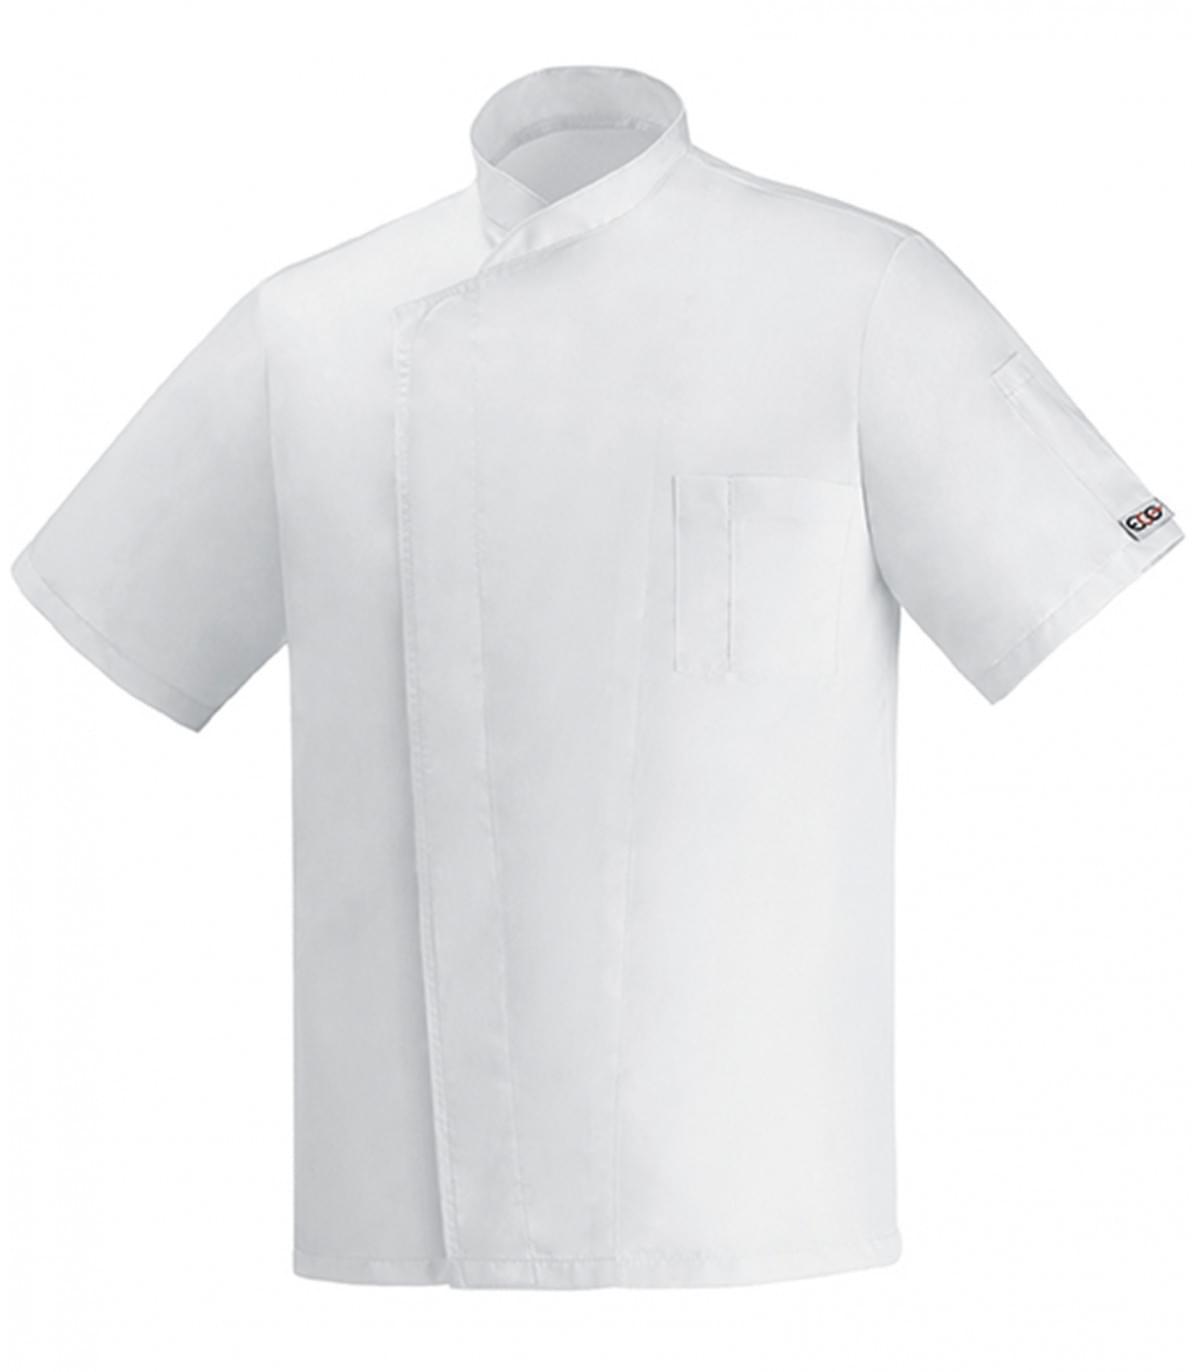 μπλούζα μάγειρα λευκή egochef microfiber